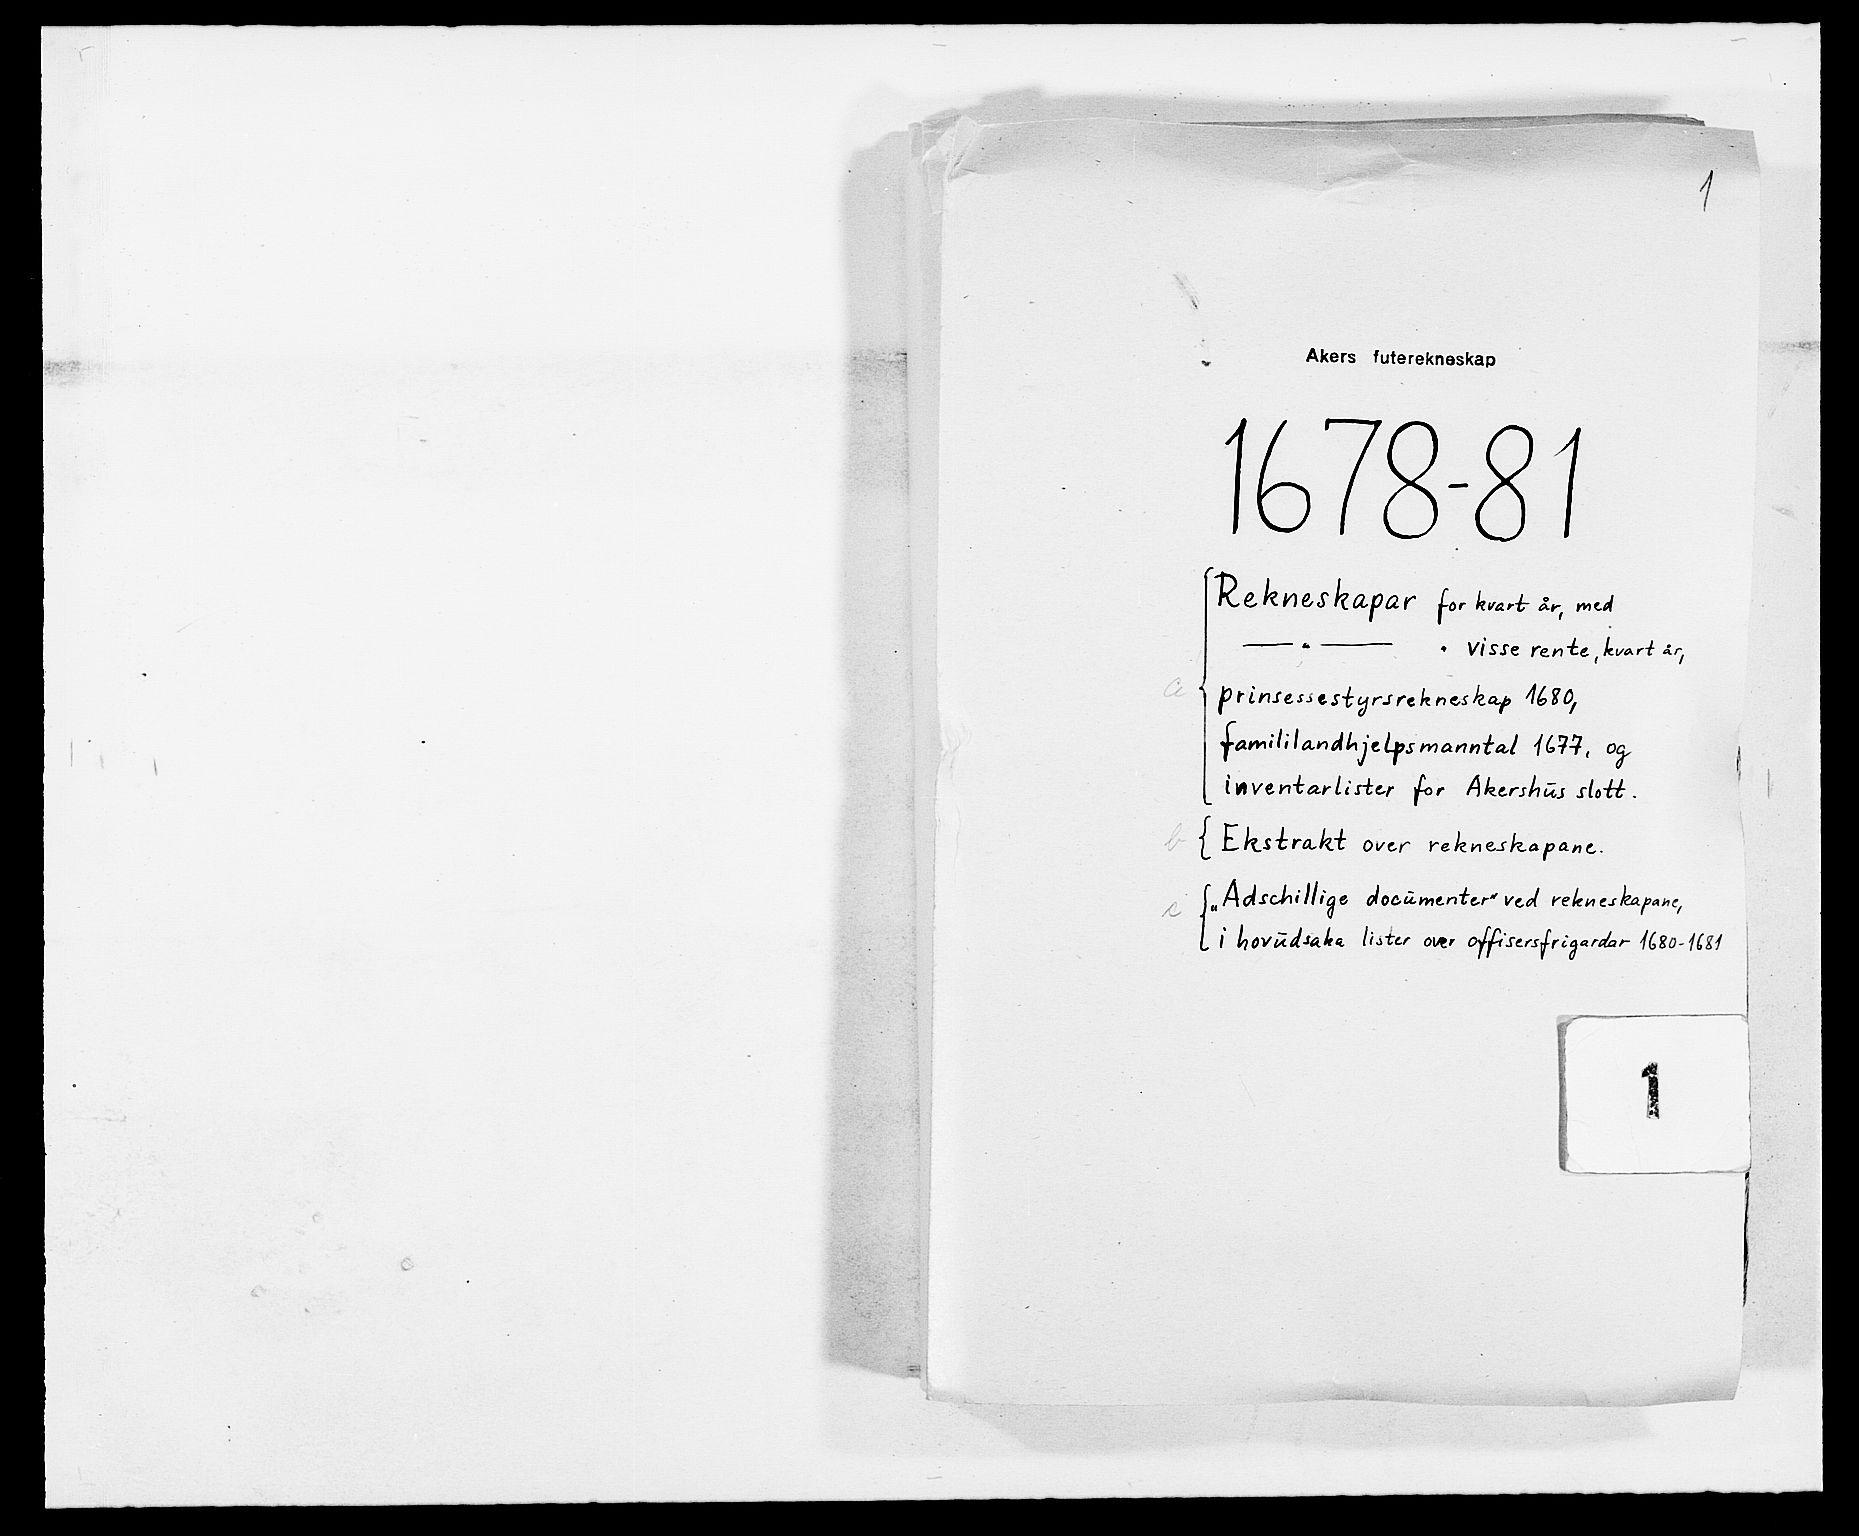 RA, Rentekammeret inntil 1814, Reviderte regnskaper, Fogderegnskap, R08/L0416: Fogderegnskap Aker, 1678-1681, s. 1